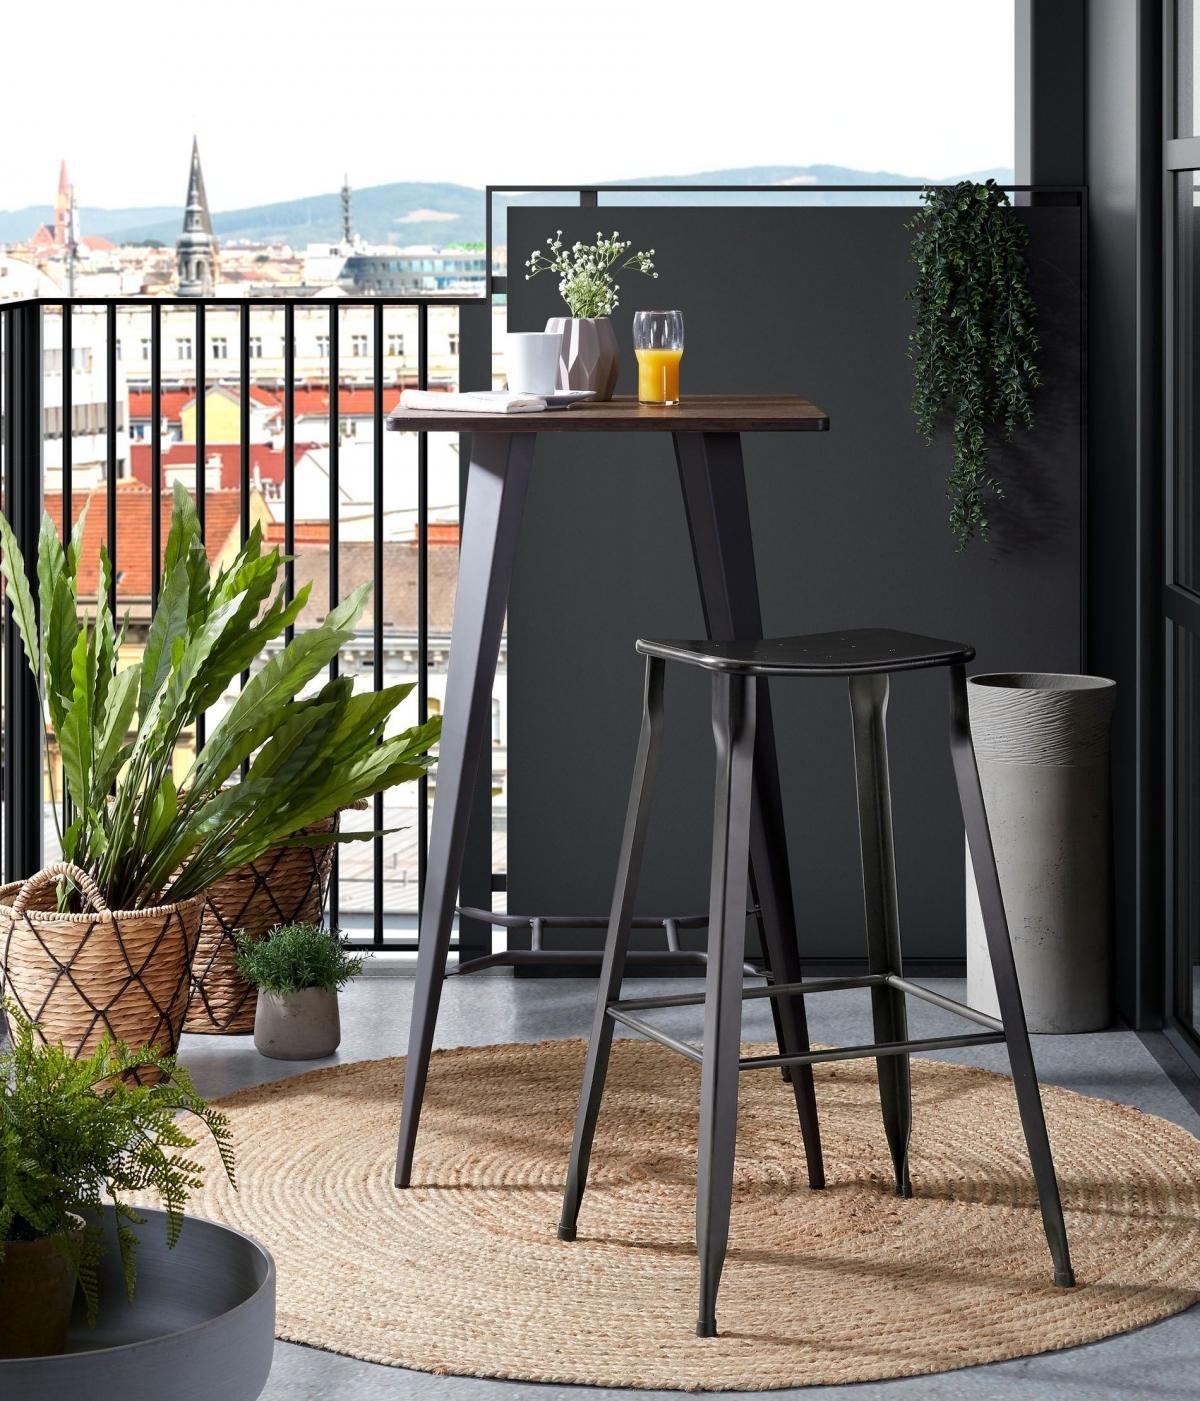 Актуальный и практичный интерьер балкона с барным столом и табуретом